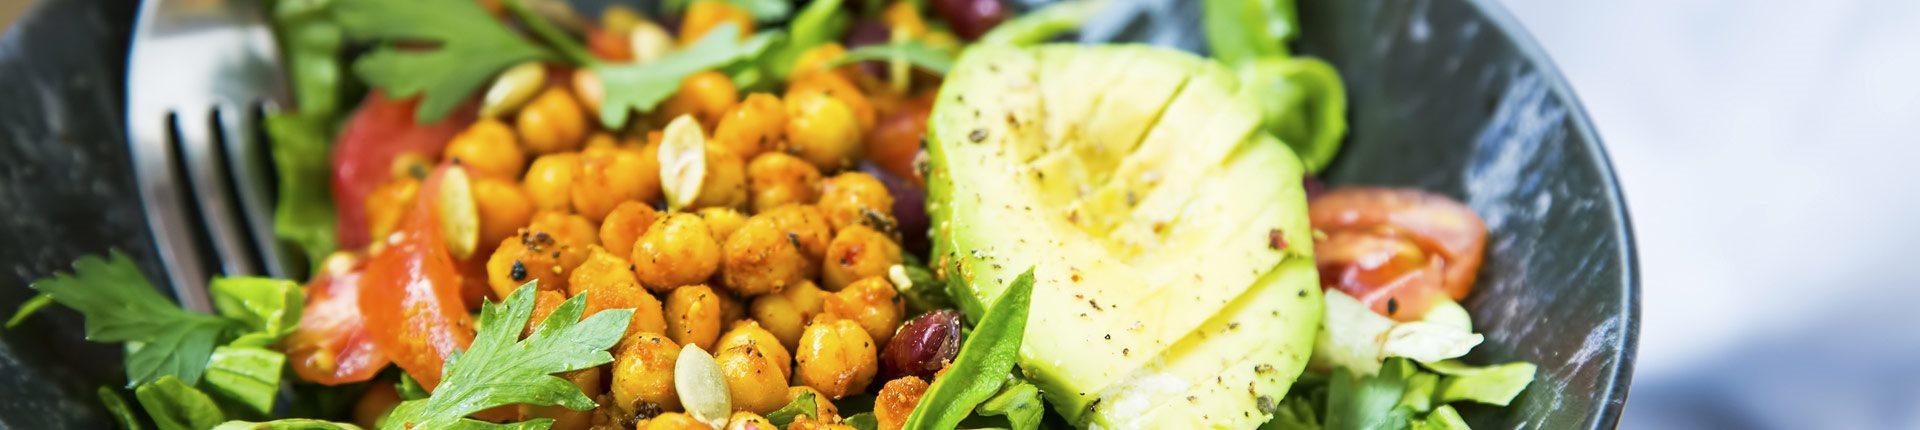 Jak diety wegetariańskie wpływają na poziom cholesterolu?